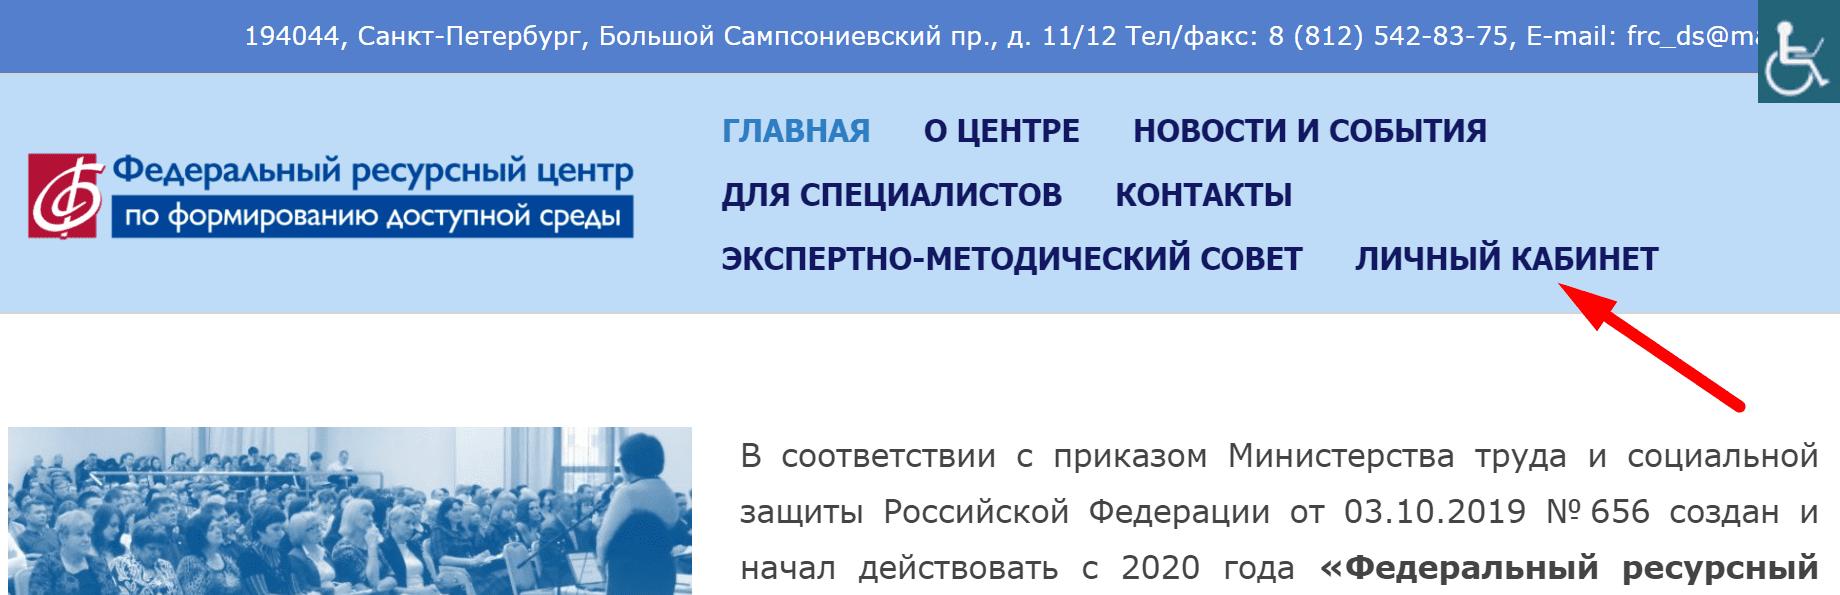 Ссылка на сайт «ФРЦ ДС»